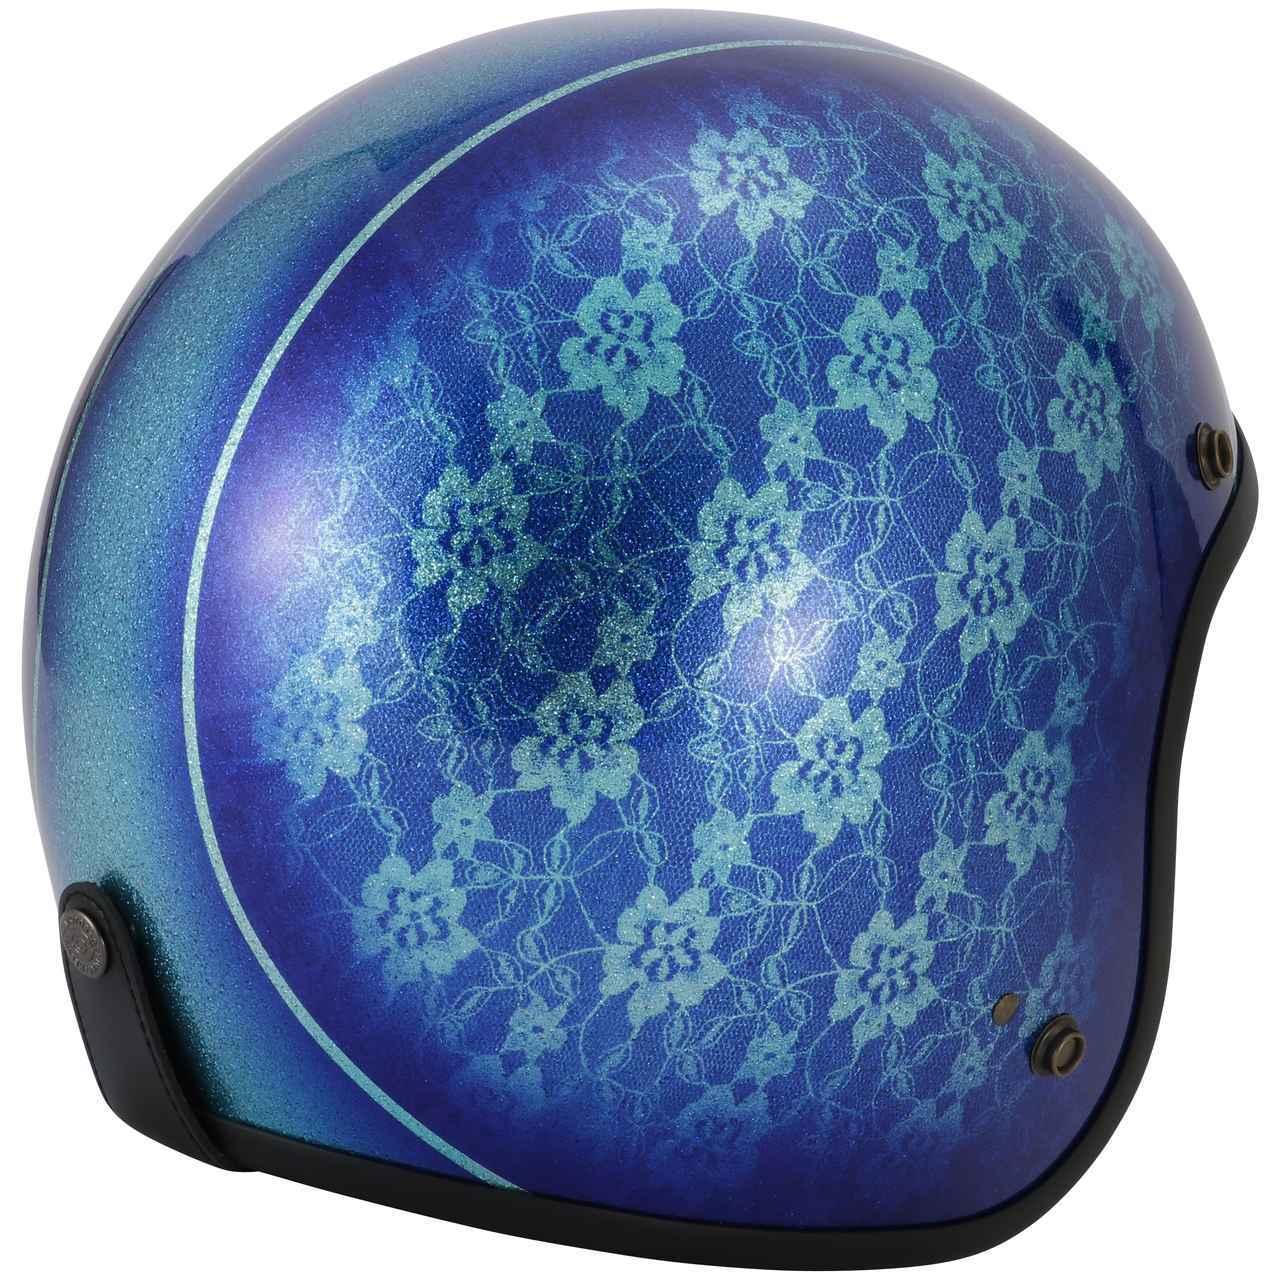 画像2: キャンディペイントで仕上げた大人のグラフィック! RIDEZが「二キトーヘルメット」の限定モデルを4月1日に発売